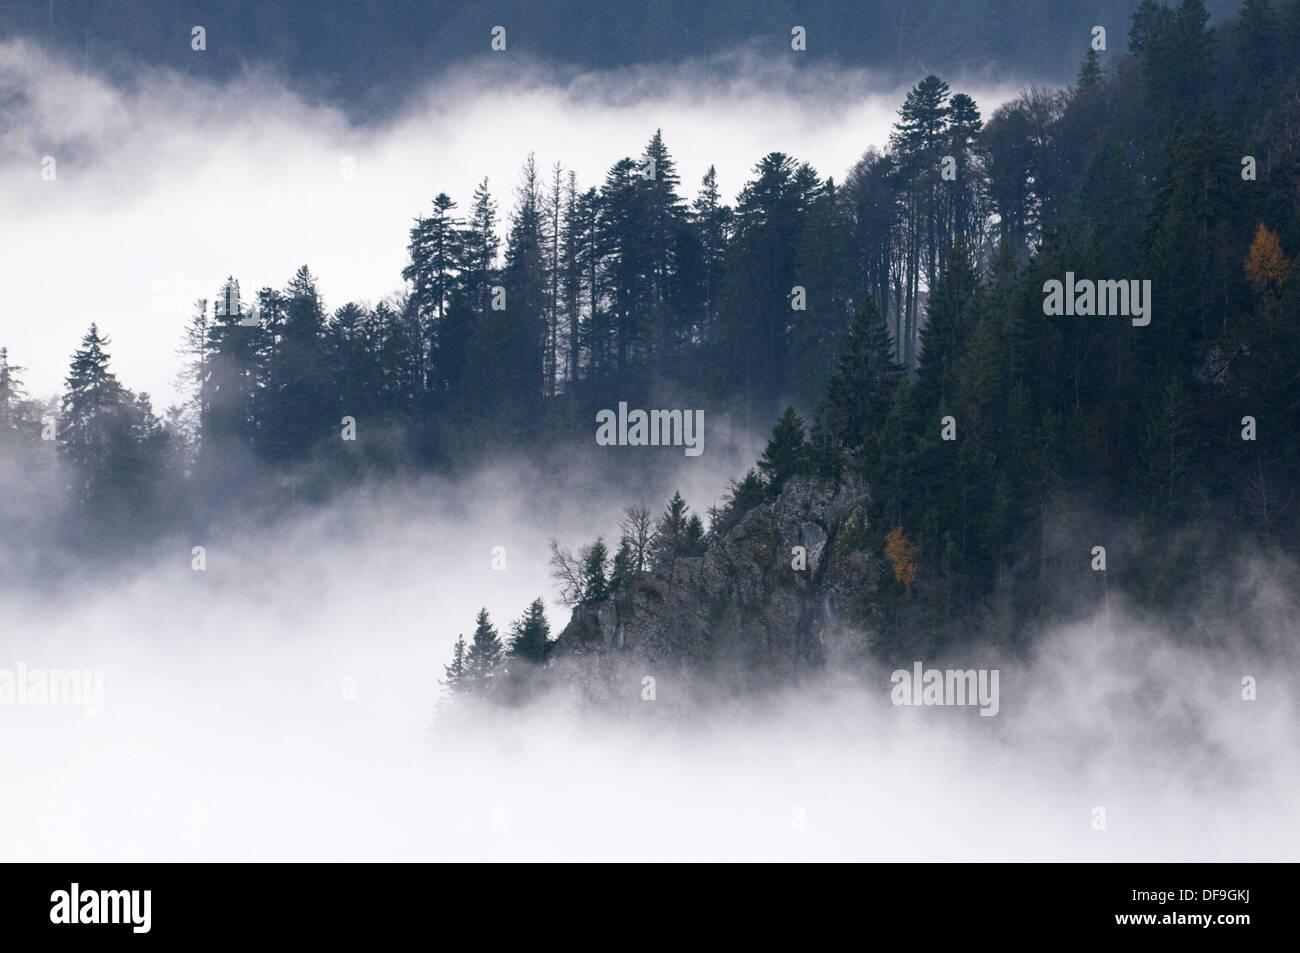 Cubierta de neblina en Vosgos, otoño, bajar laderas montañosas, con bosque de pinos en el macizo Hohneck, Vosges, Francia Imagen De Stock